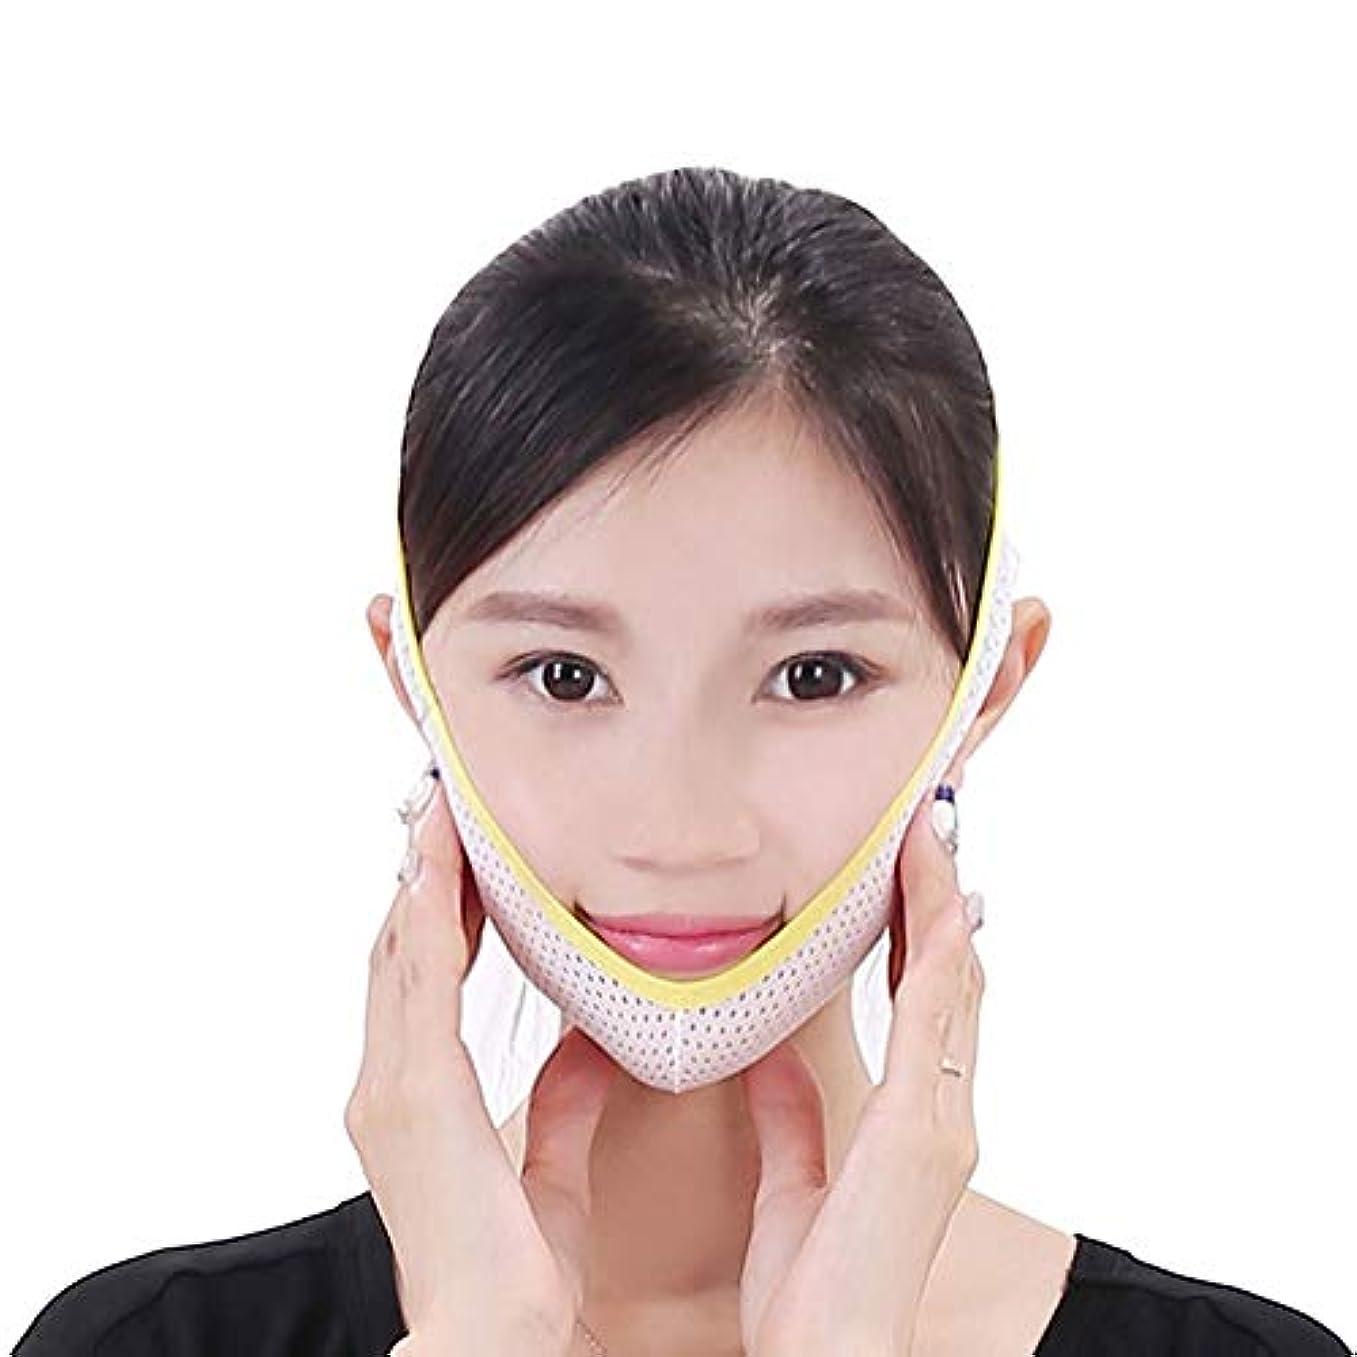 独特の裏切りしかしながらJia Jia- フェイスリフティングマスクVフェイスリフティングシェーピング修正フェイスリフティング包帯ダブルチンフェイスリフトアーティファクト睡眠夏 顔面包帯